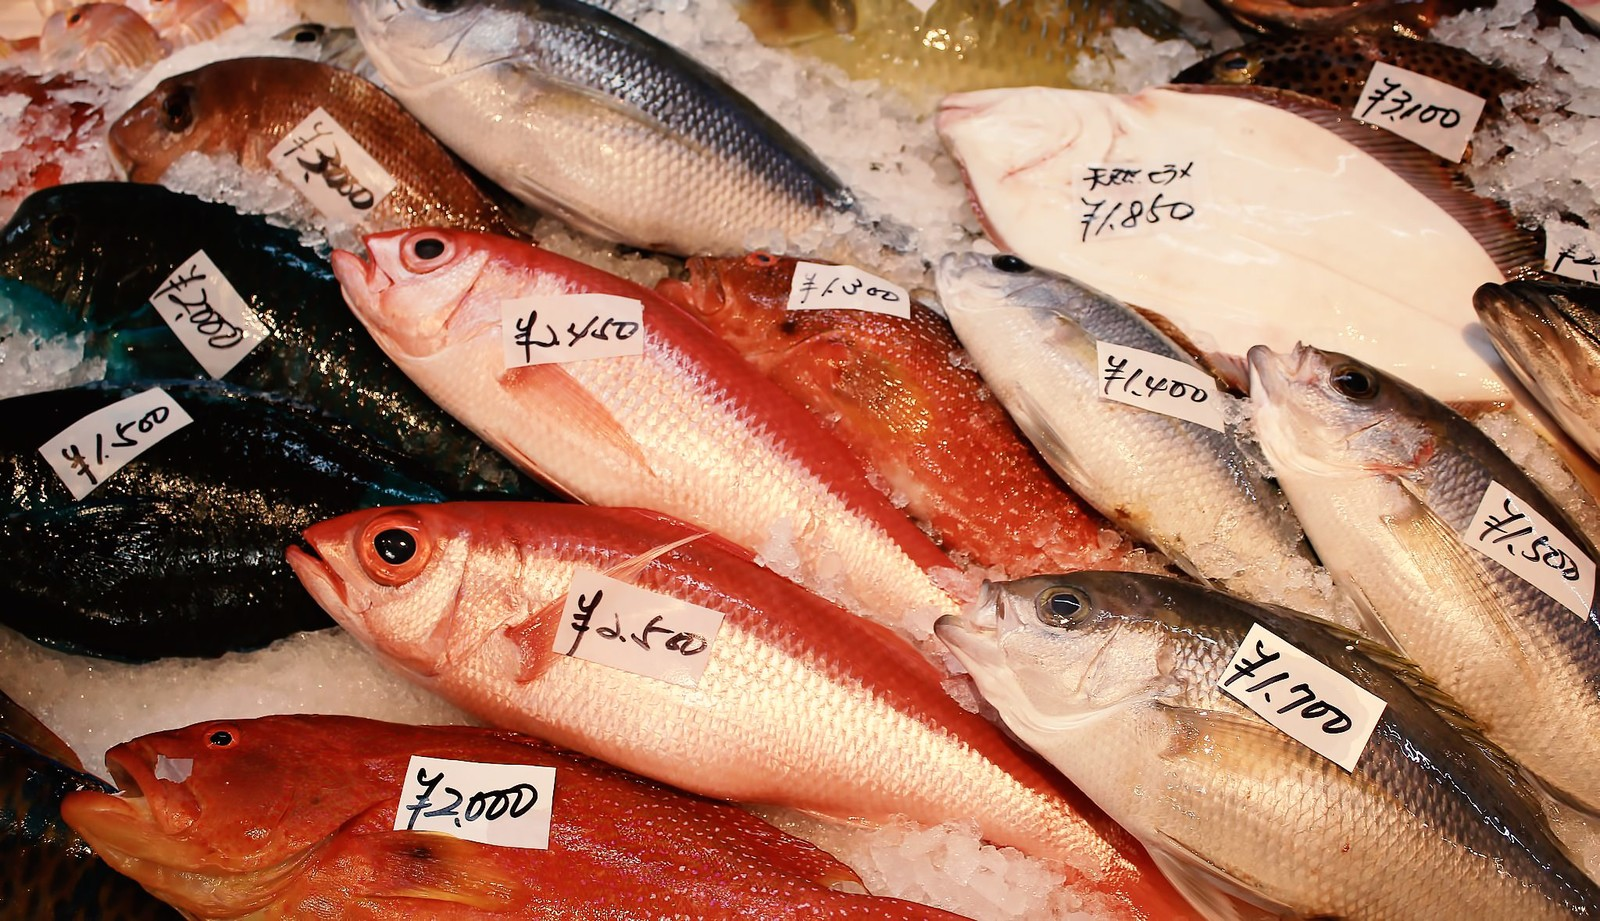 「鯛やヒラメの魚市場」の写真